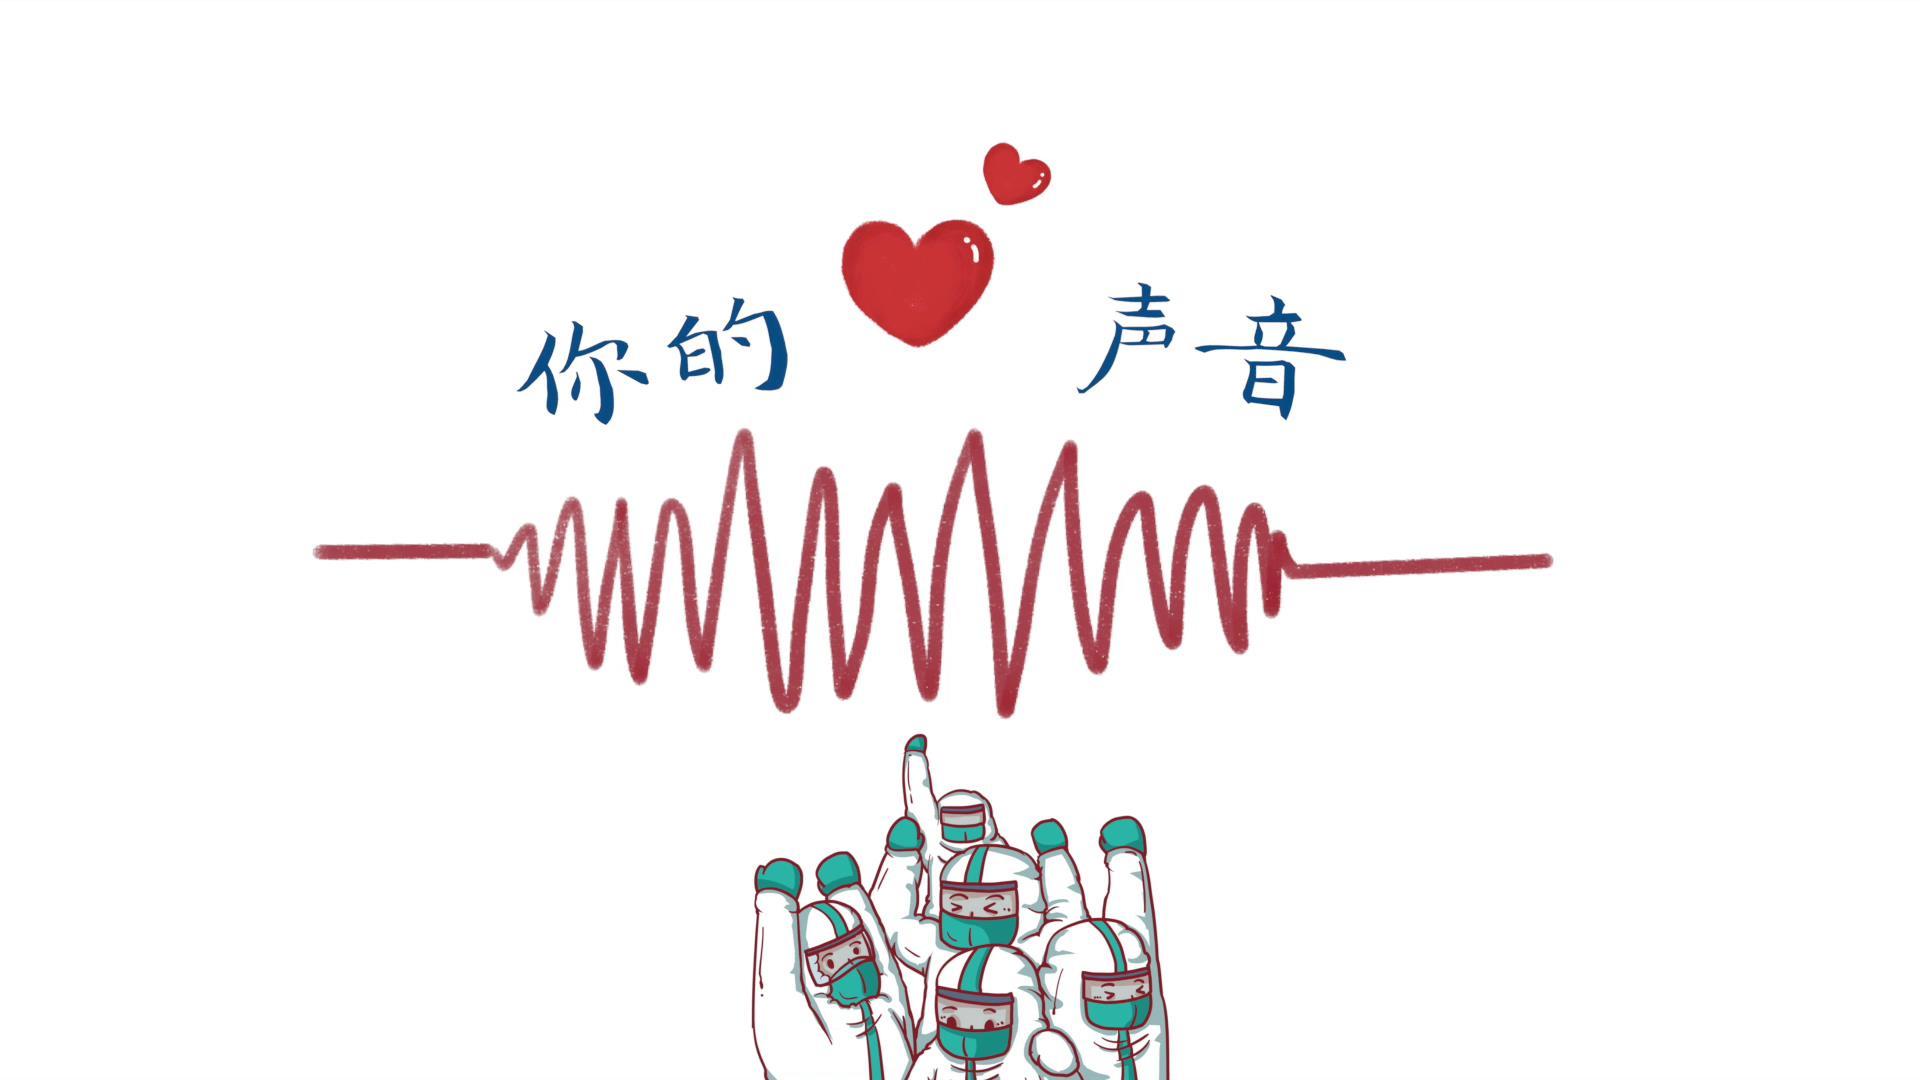 """江苏扬州:手绘战""""疫""""动漫视频《你的声音》[封面图].jpg"""